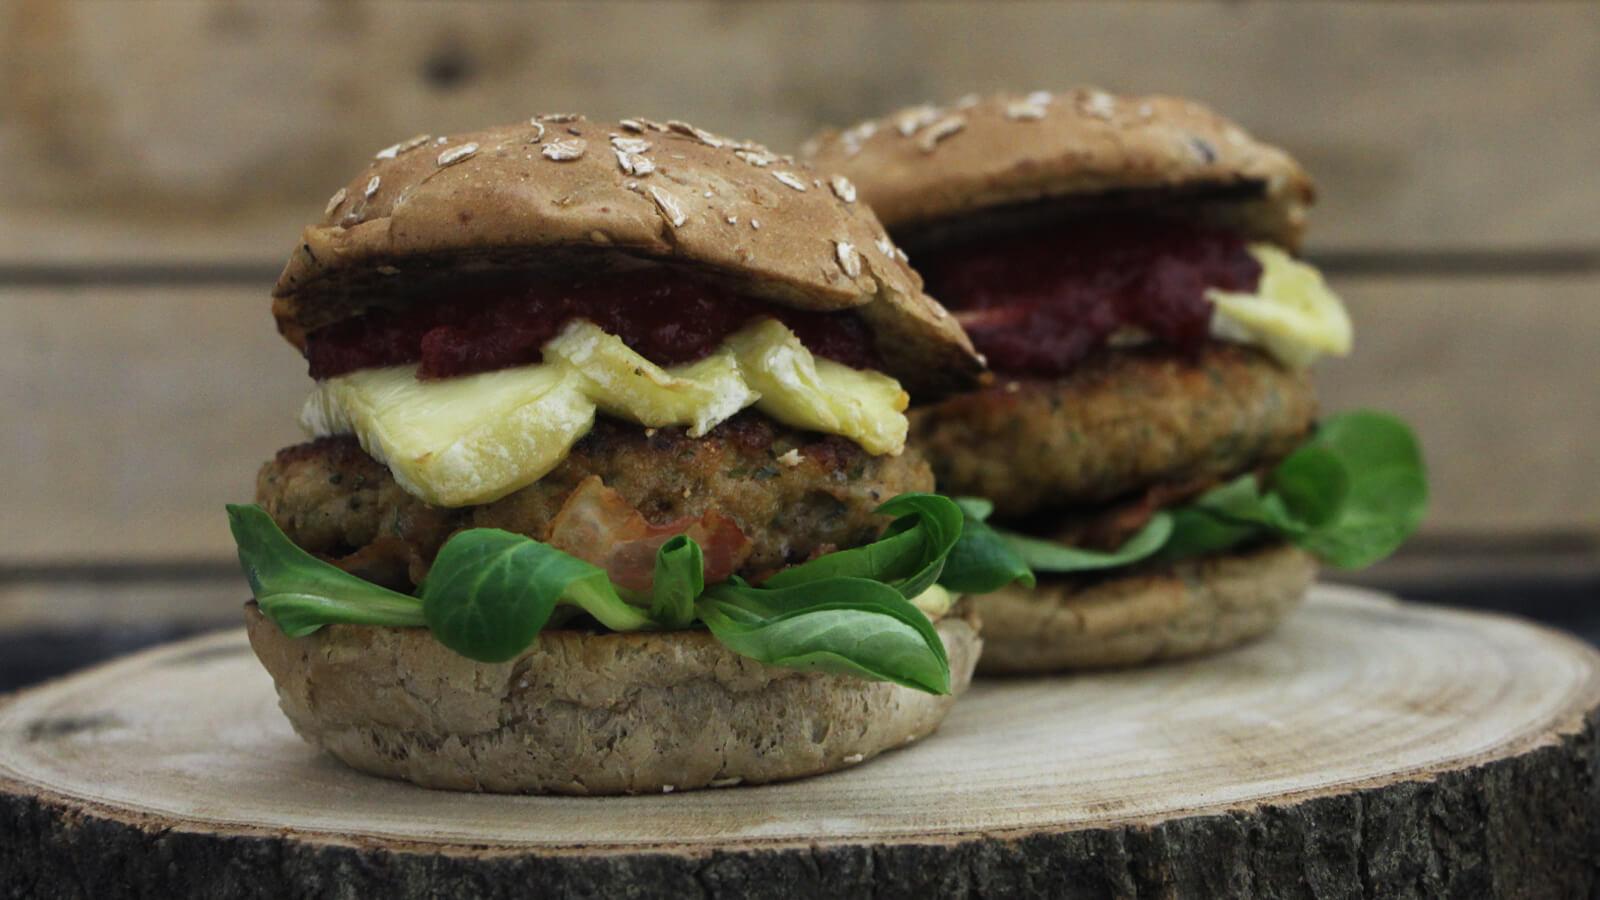 Kerst vieren met hamburgers? Het kan met deze Kerst Burgers!